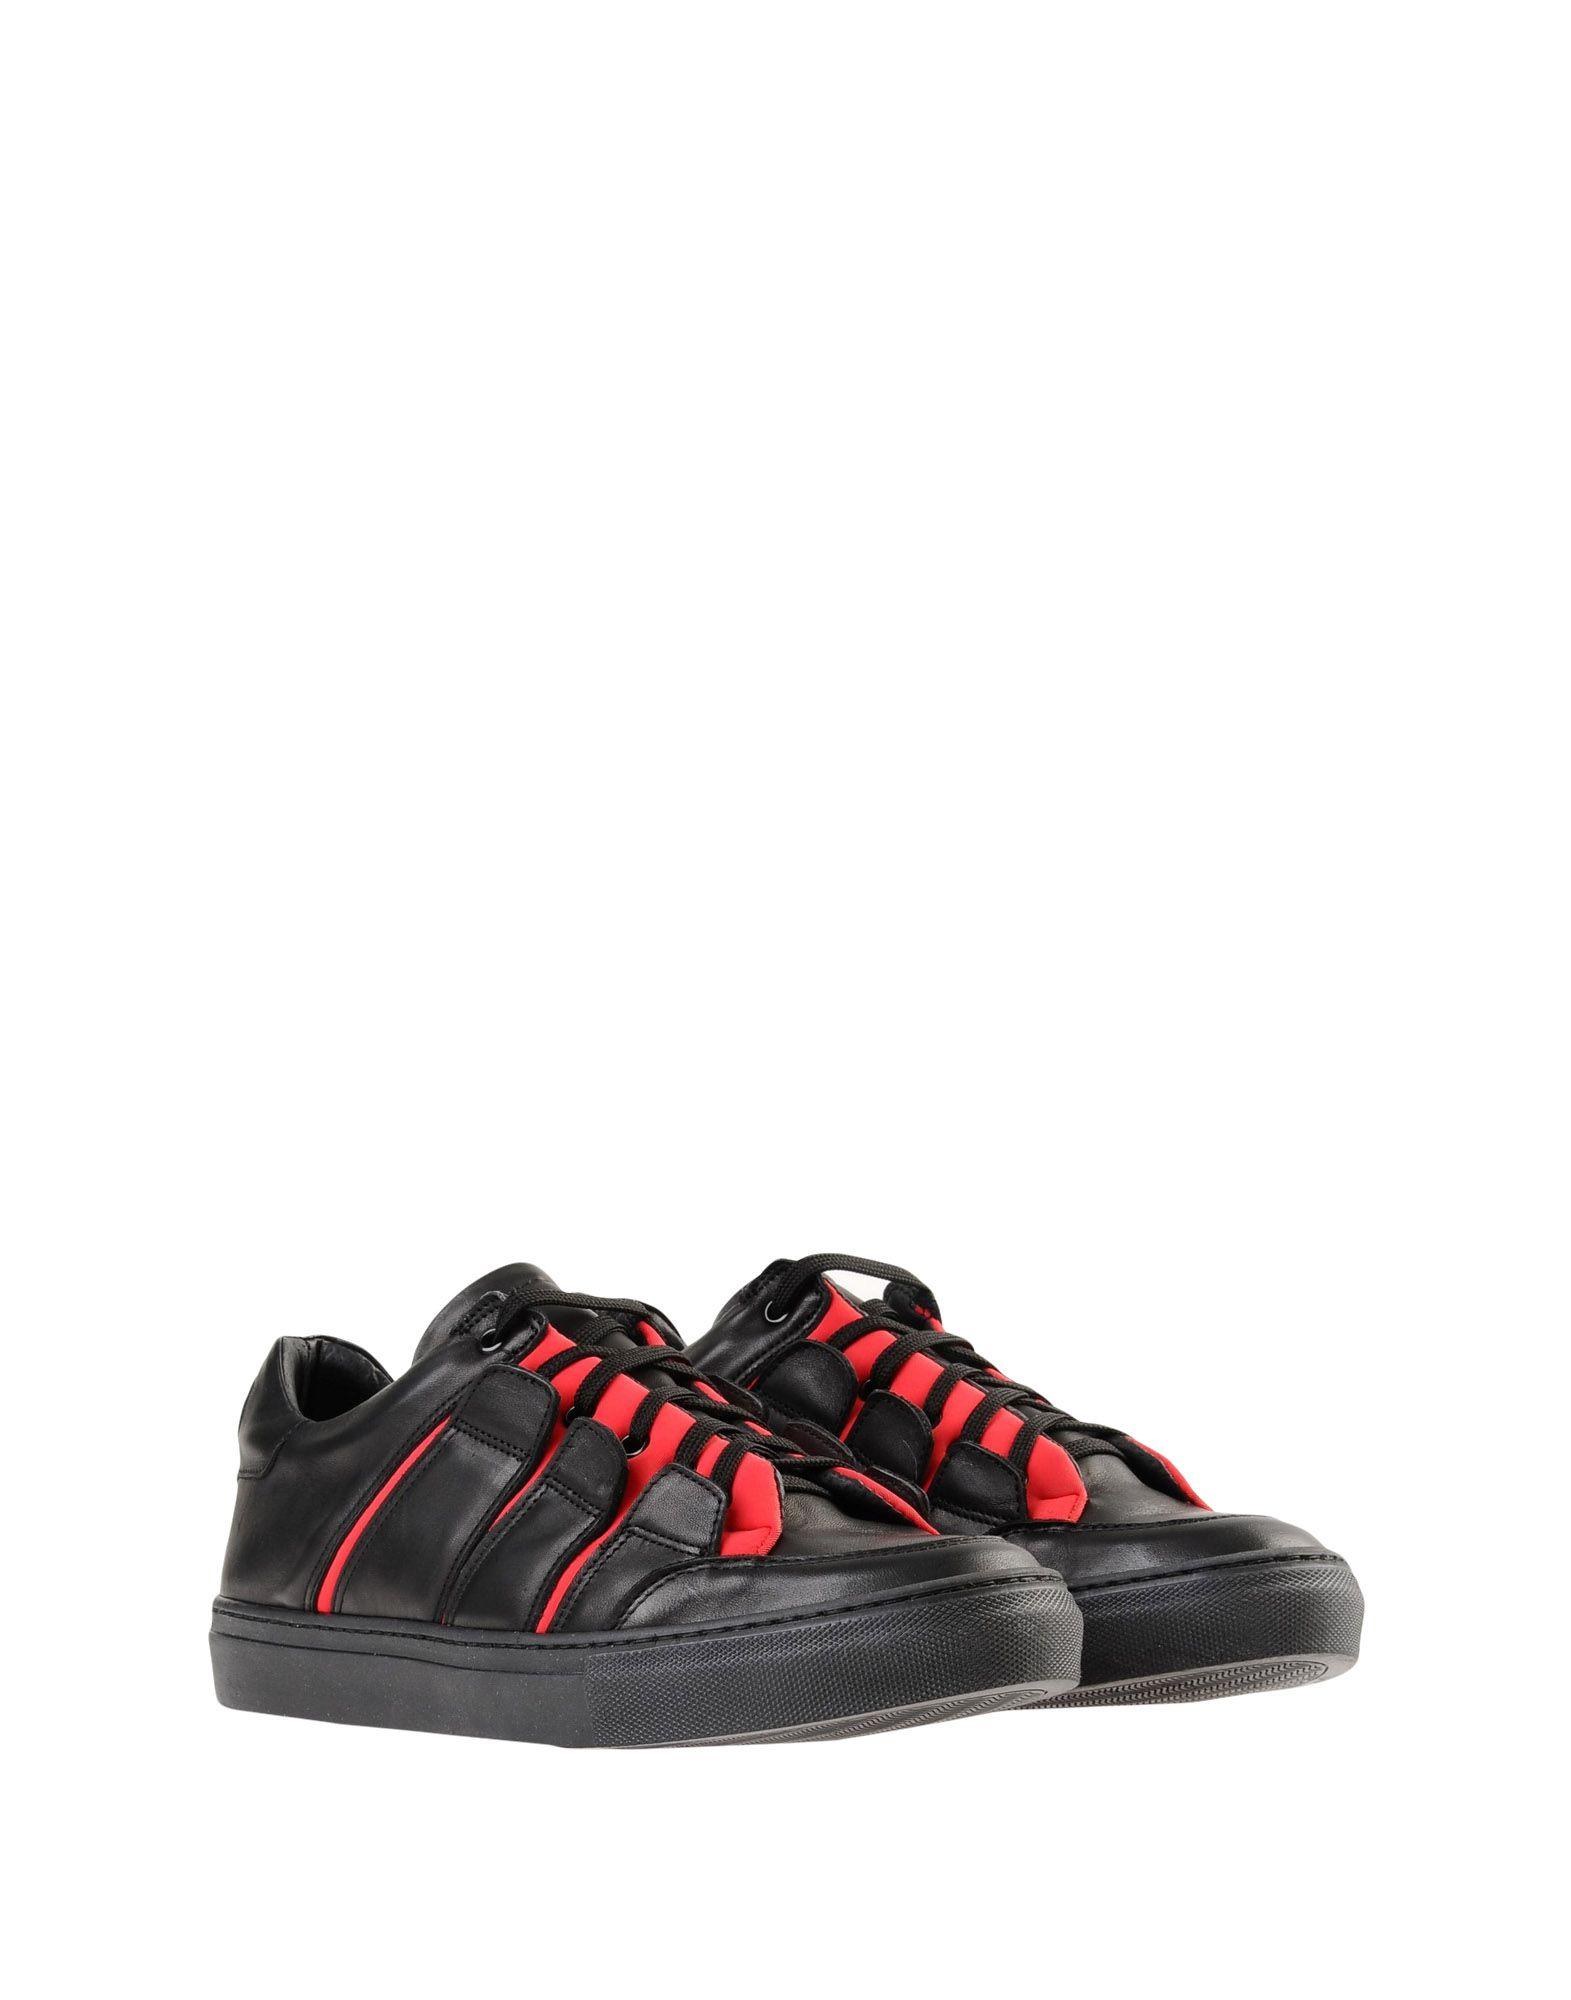 Rabatt echte Herren Schuhe Pierre Darré Sneakers Herren echte  11536263WF 54cf49